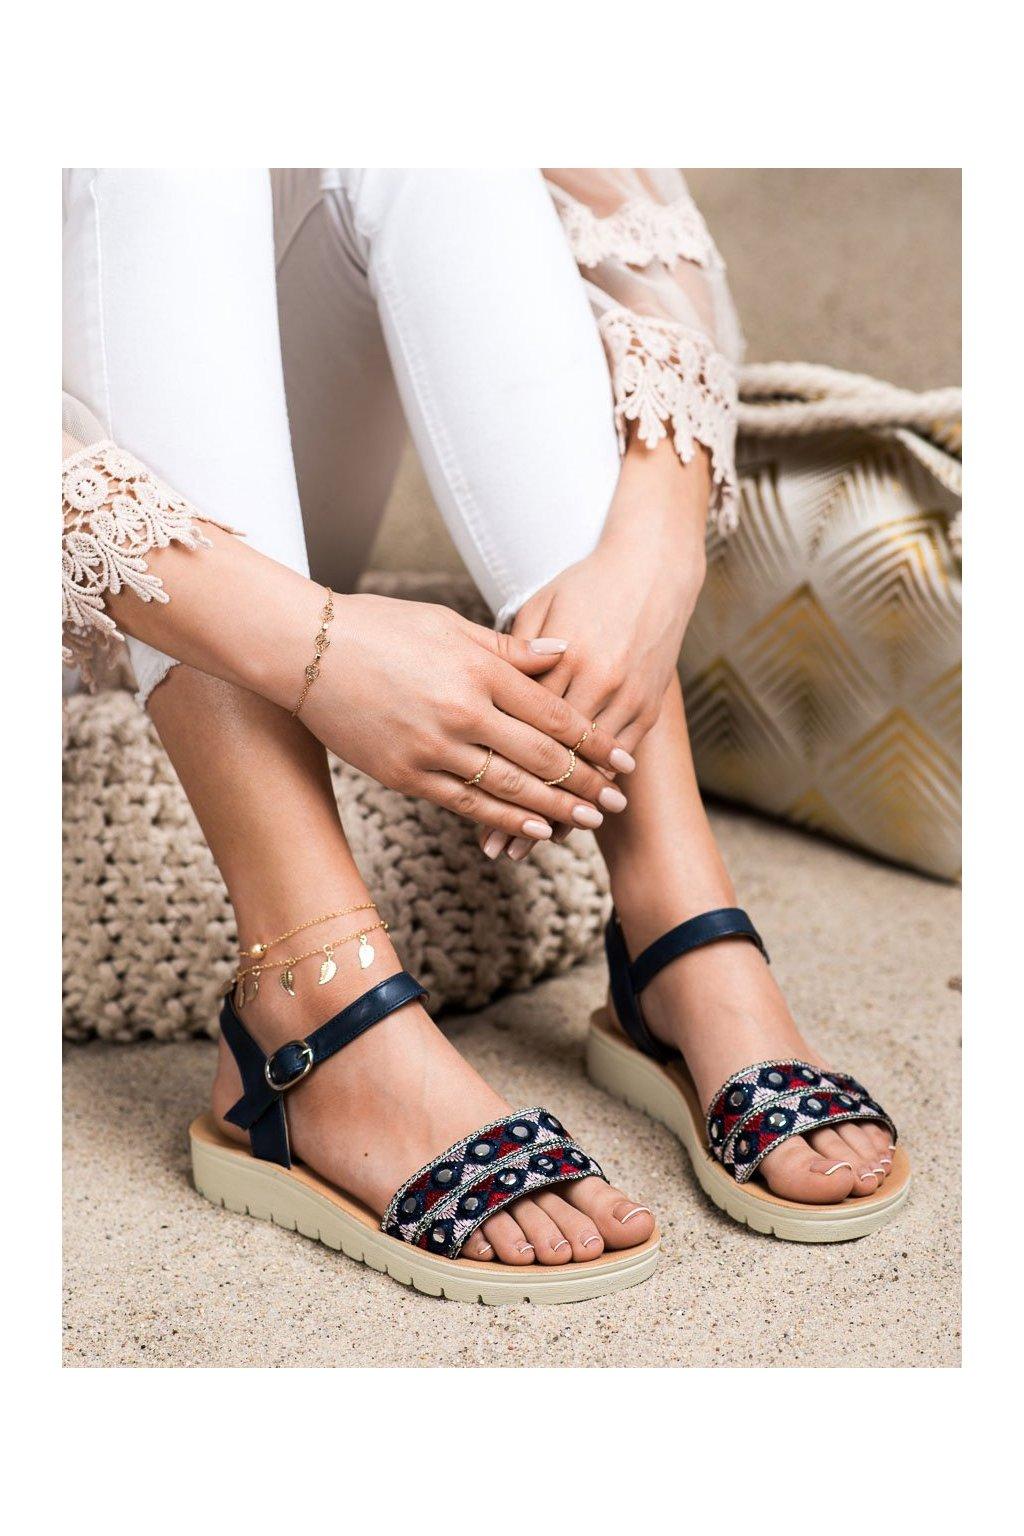 Fialové dámske sandále Shelovet kod B119-08-01MA